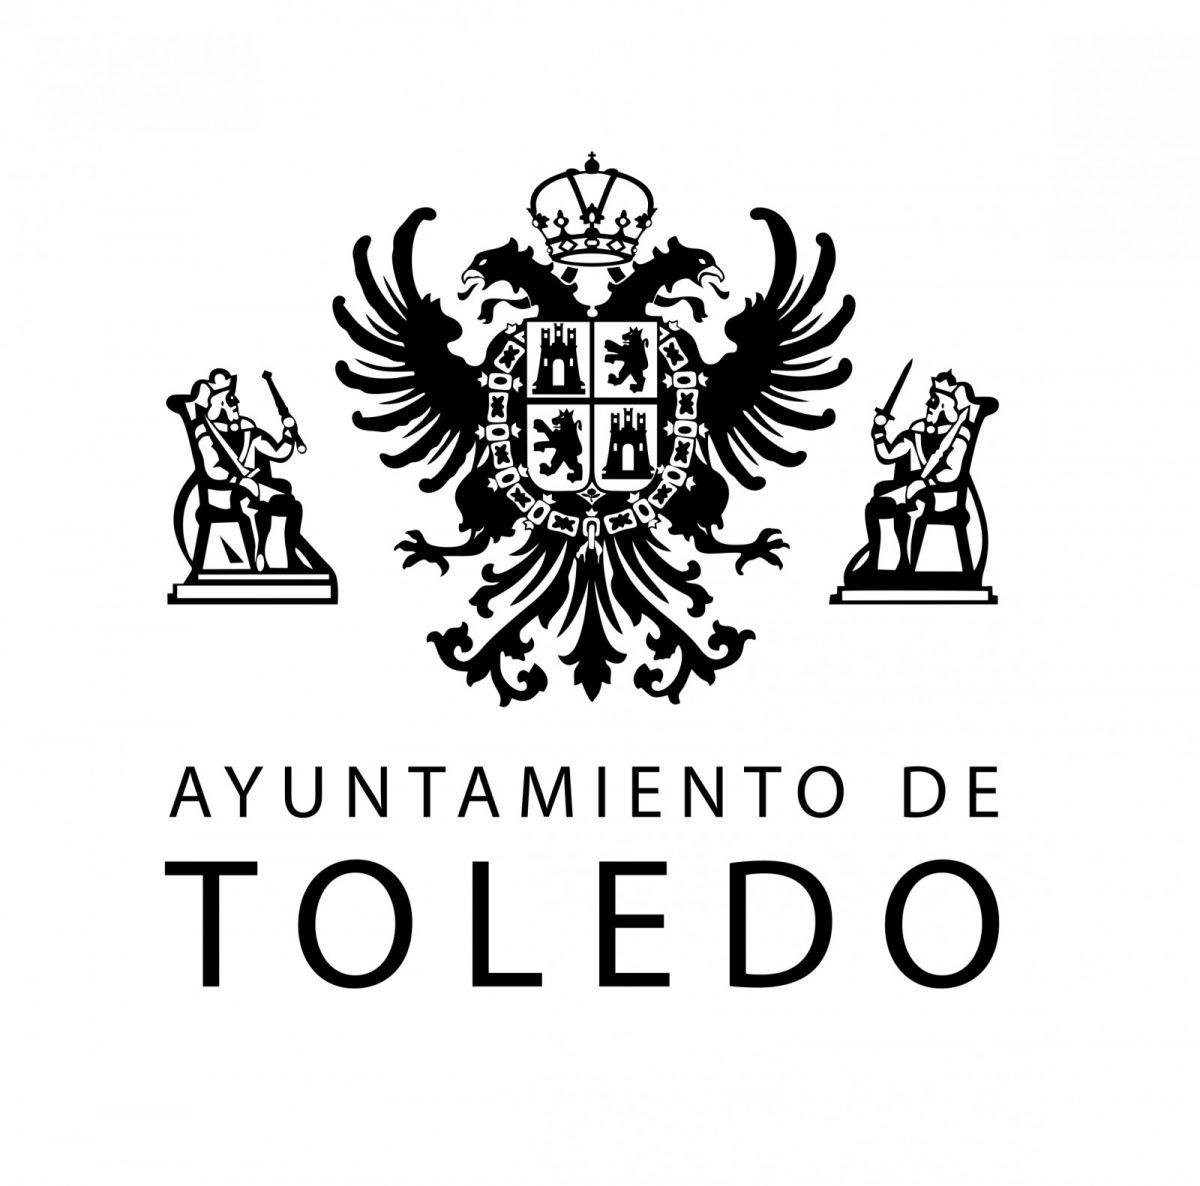 https://www.toledo.es/wp-content/uploads/2020/12/escudo-ayuntamiento-de-toledo-cuadrado-1200x1186-1.jpg. Reformulaciones de proyectos subvencionados en la convocatoria de cooperación internacional al desarrollo 2020